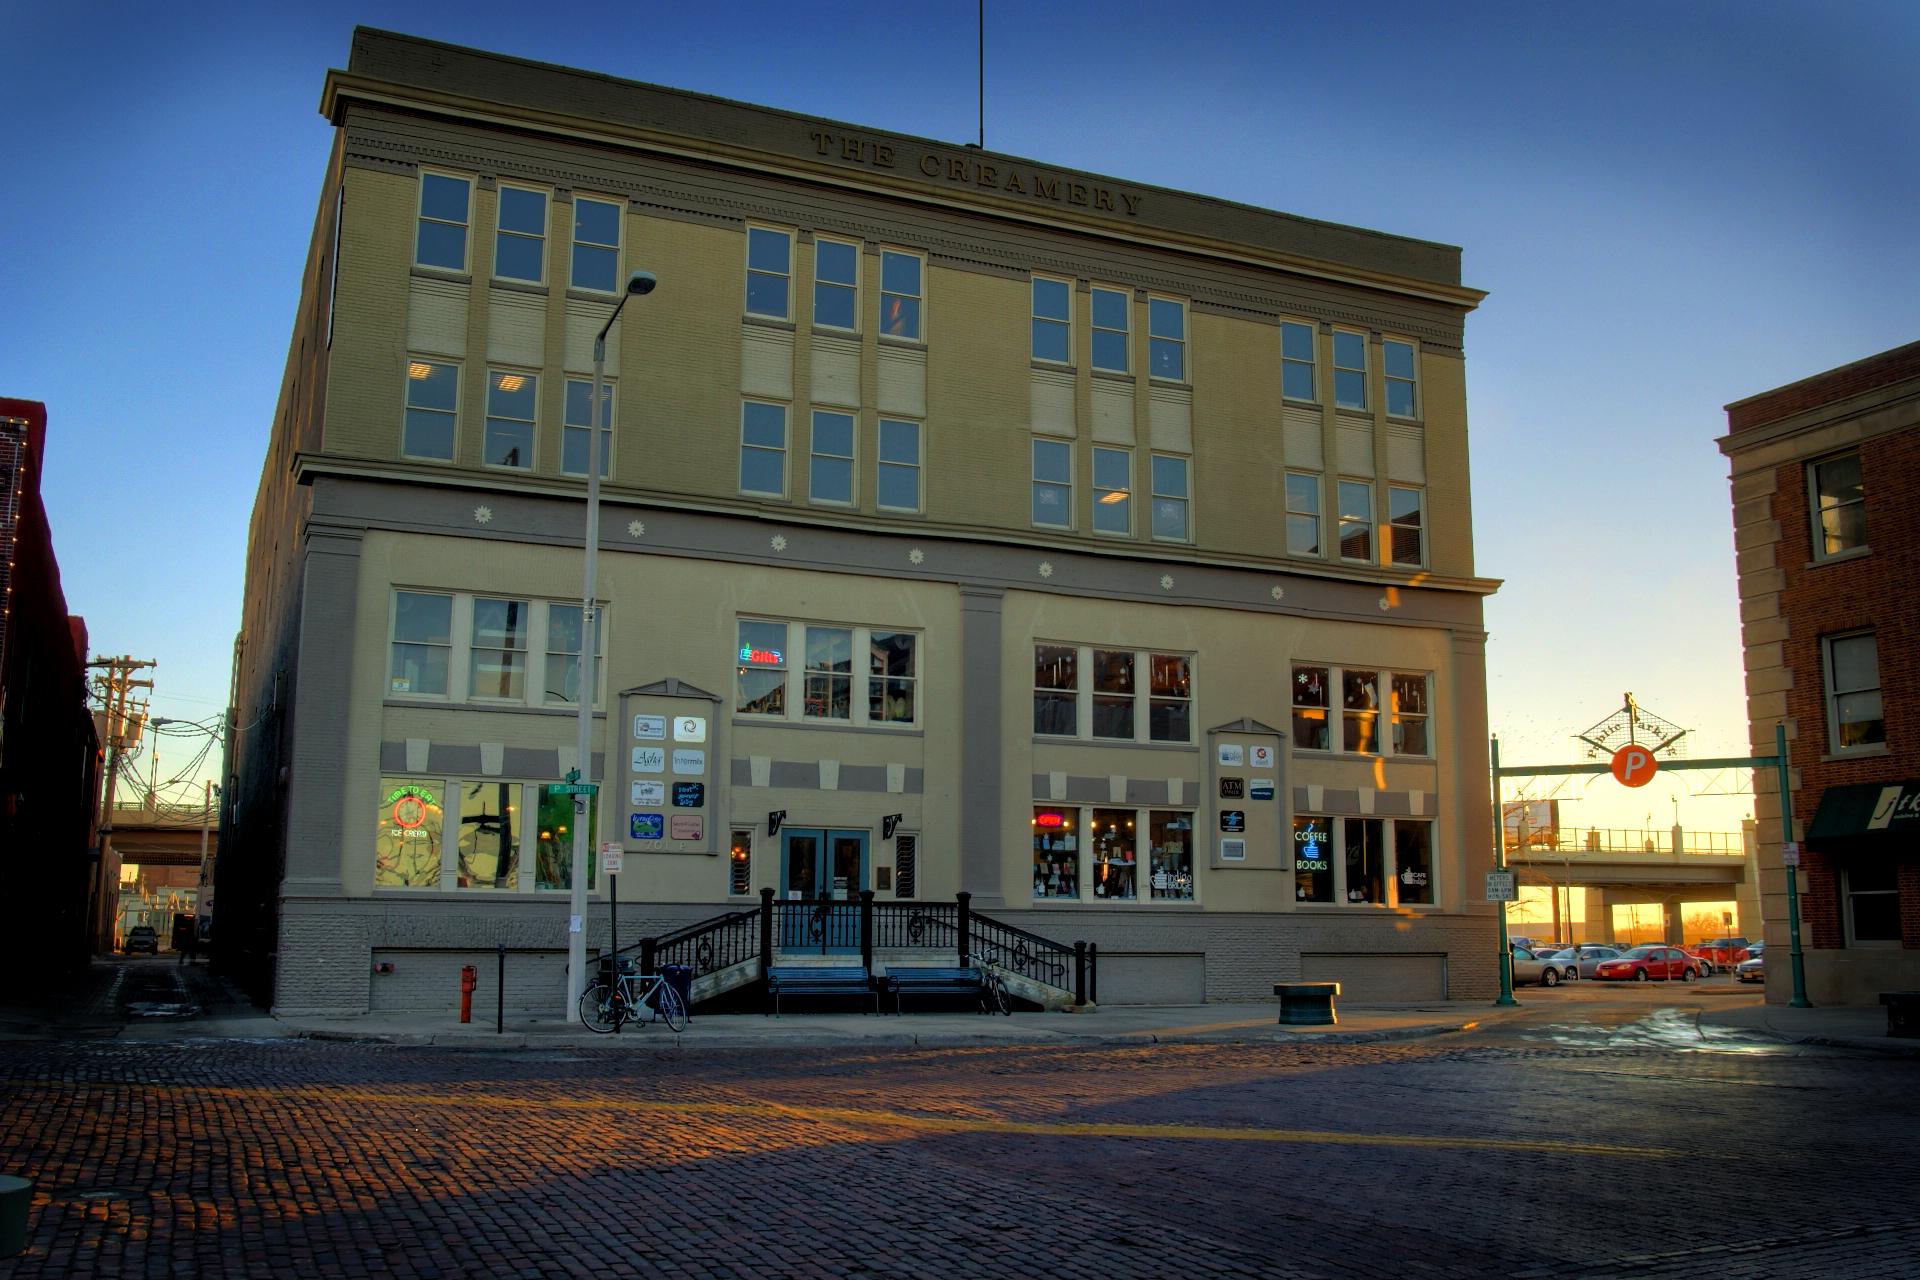 The Creamery Building Devon Wegner